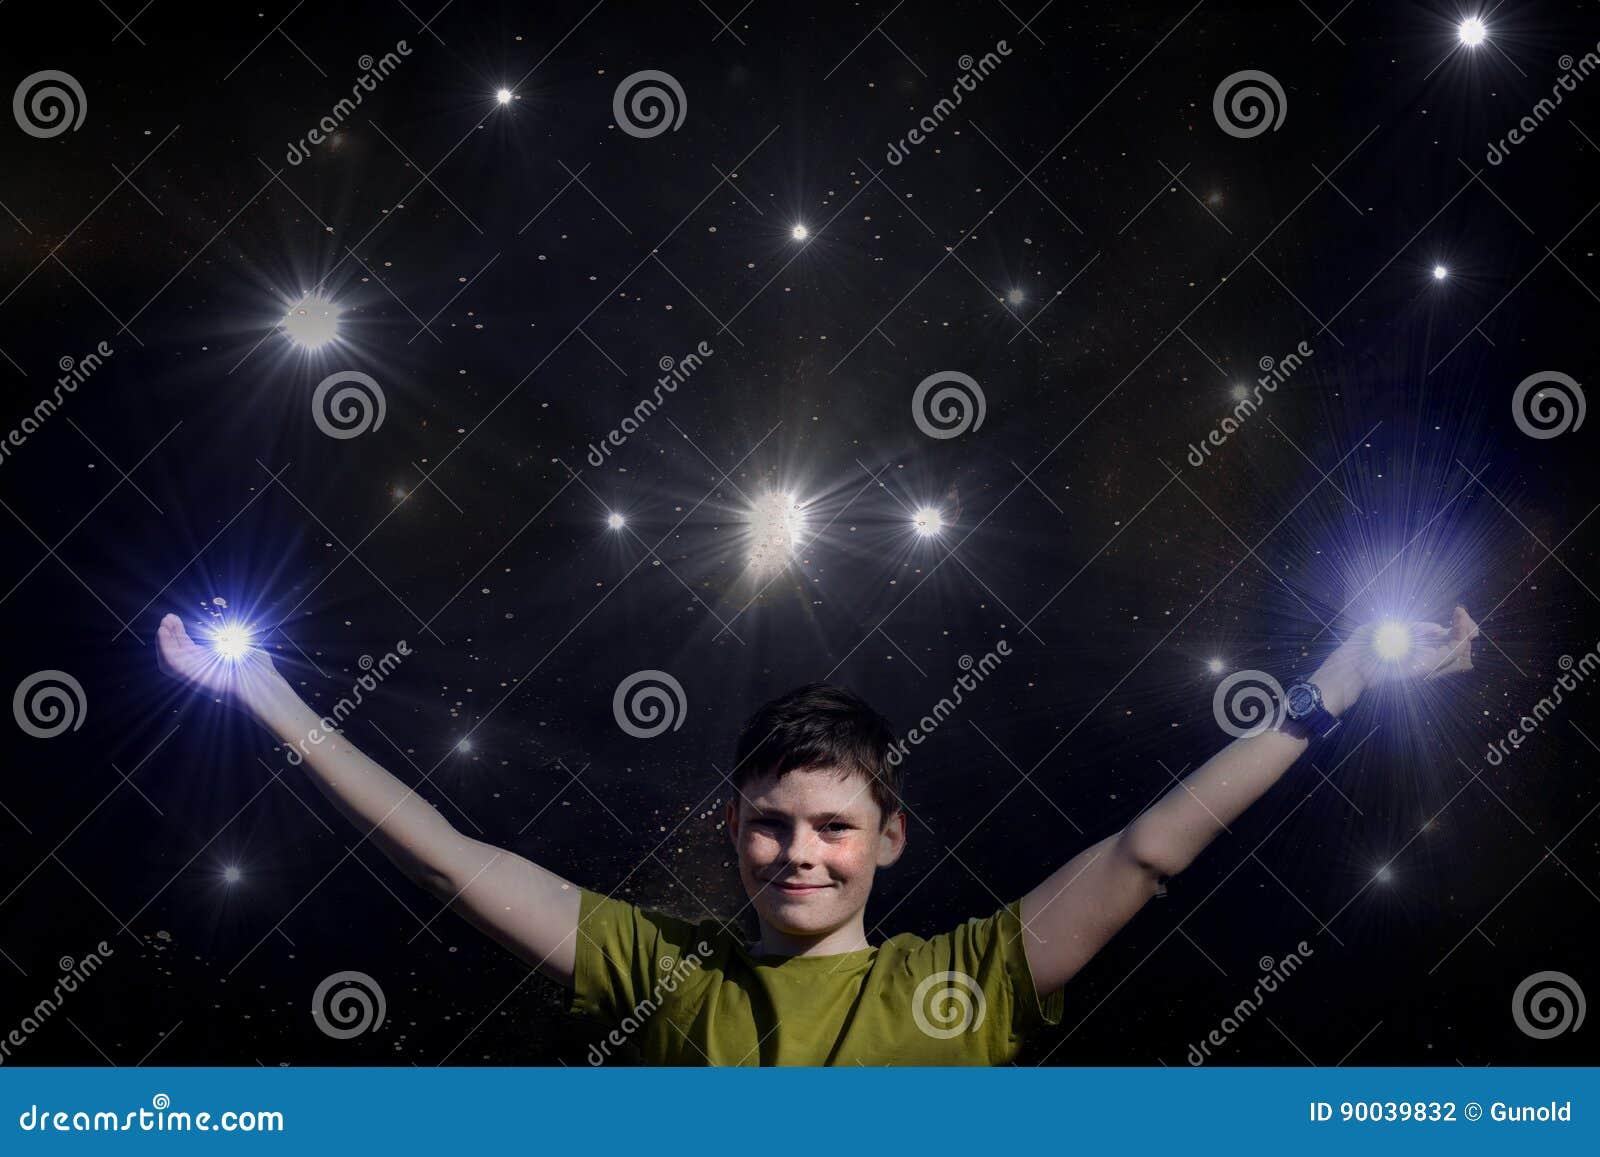 I reach the sky